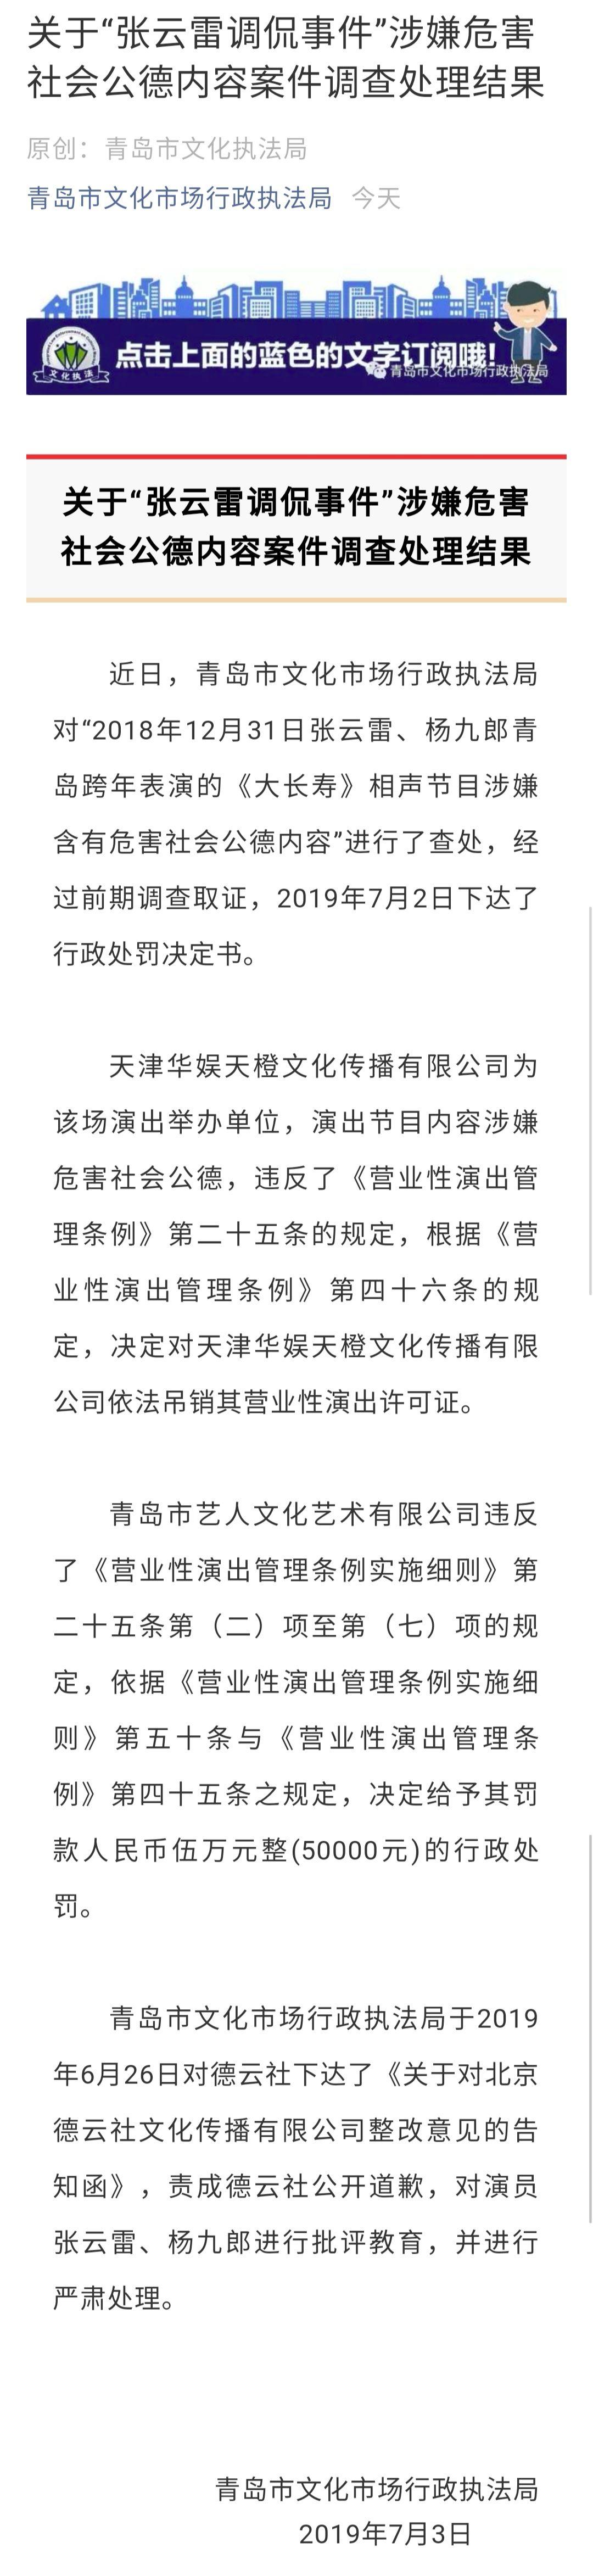 """博彩第三方支付平台排名前十图·海宁的国际""""朋友圈""""不断扩容"""